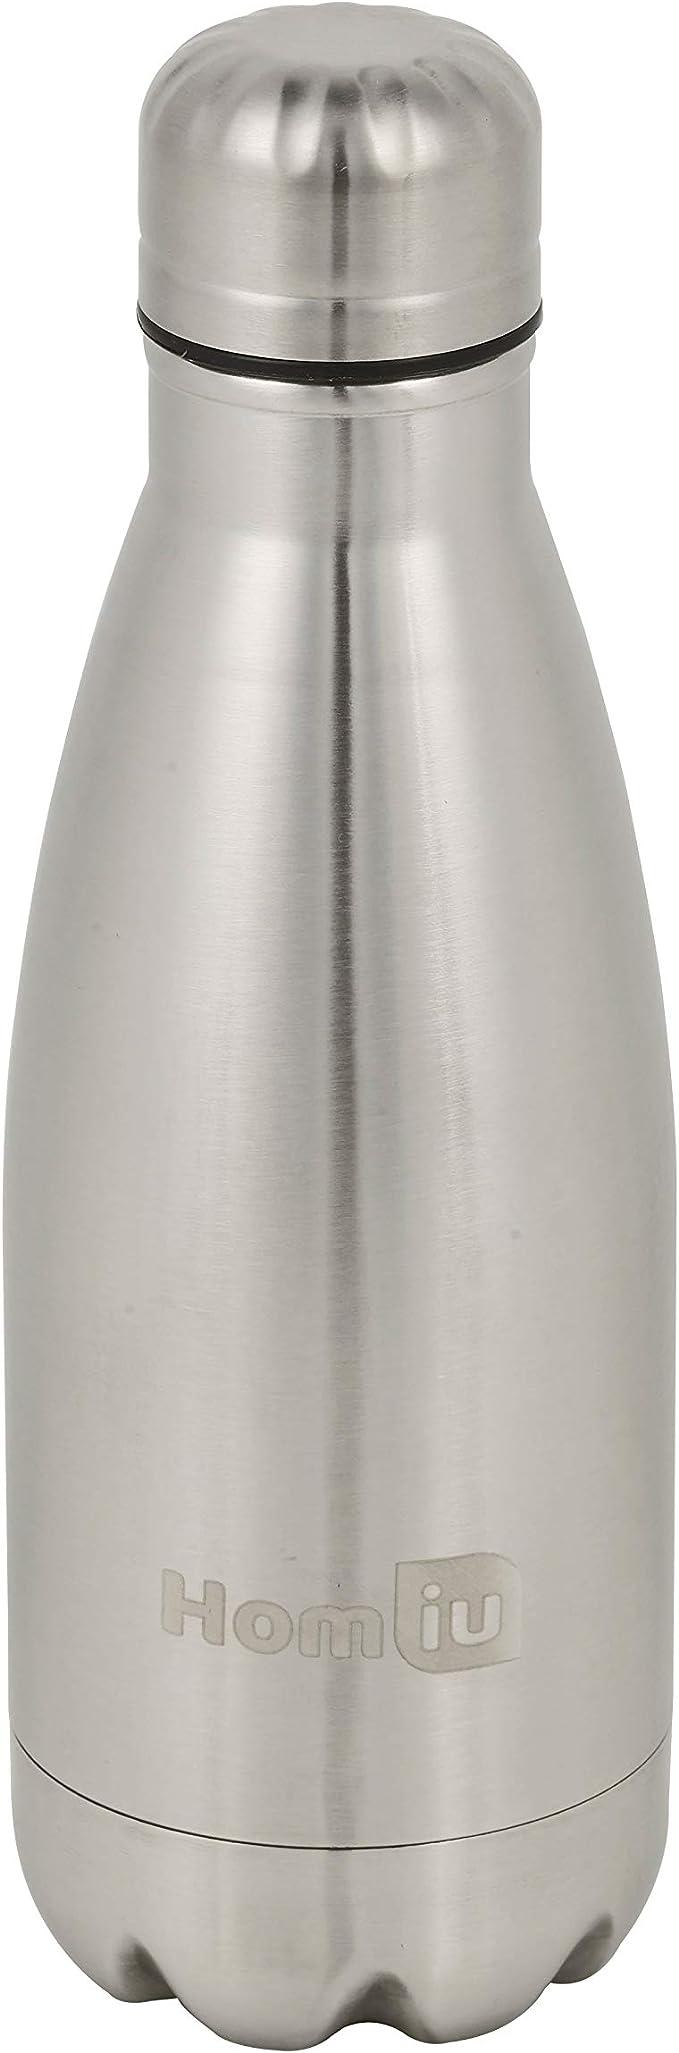 Homiu Trinkflasche 500 Milliliter Ultimate Vacuum Insulated Double Wall Edelstahl Wasser und Getr/änke 24 Stunden kalt und 12 hei/ß Sportflasche L Silber